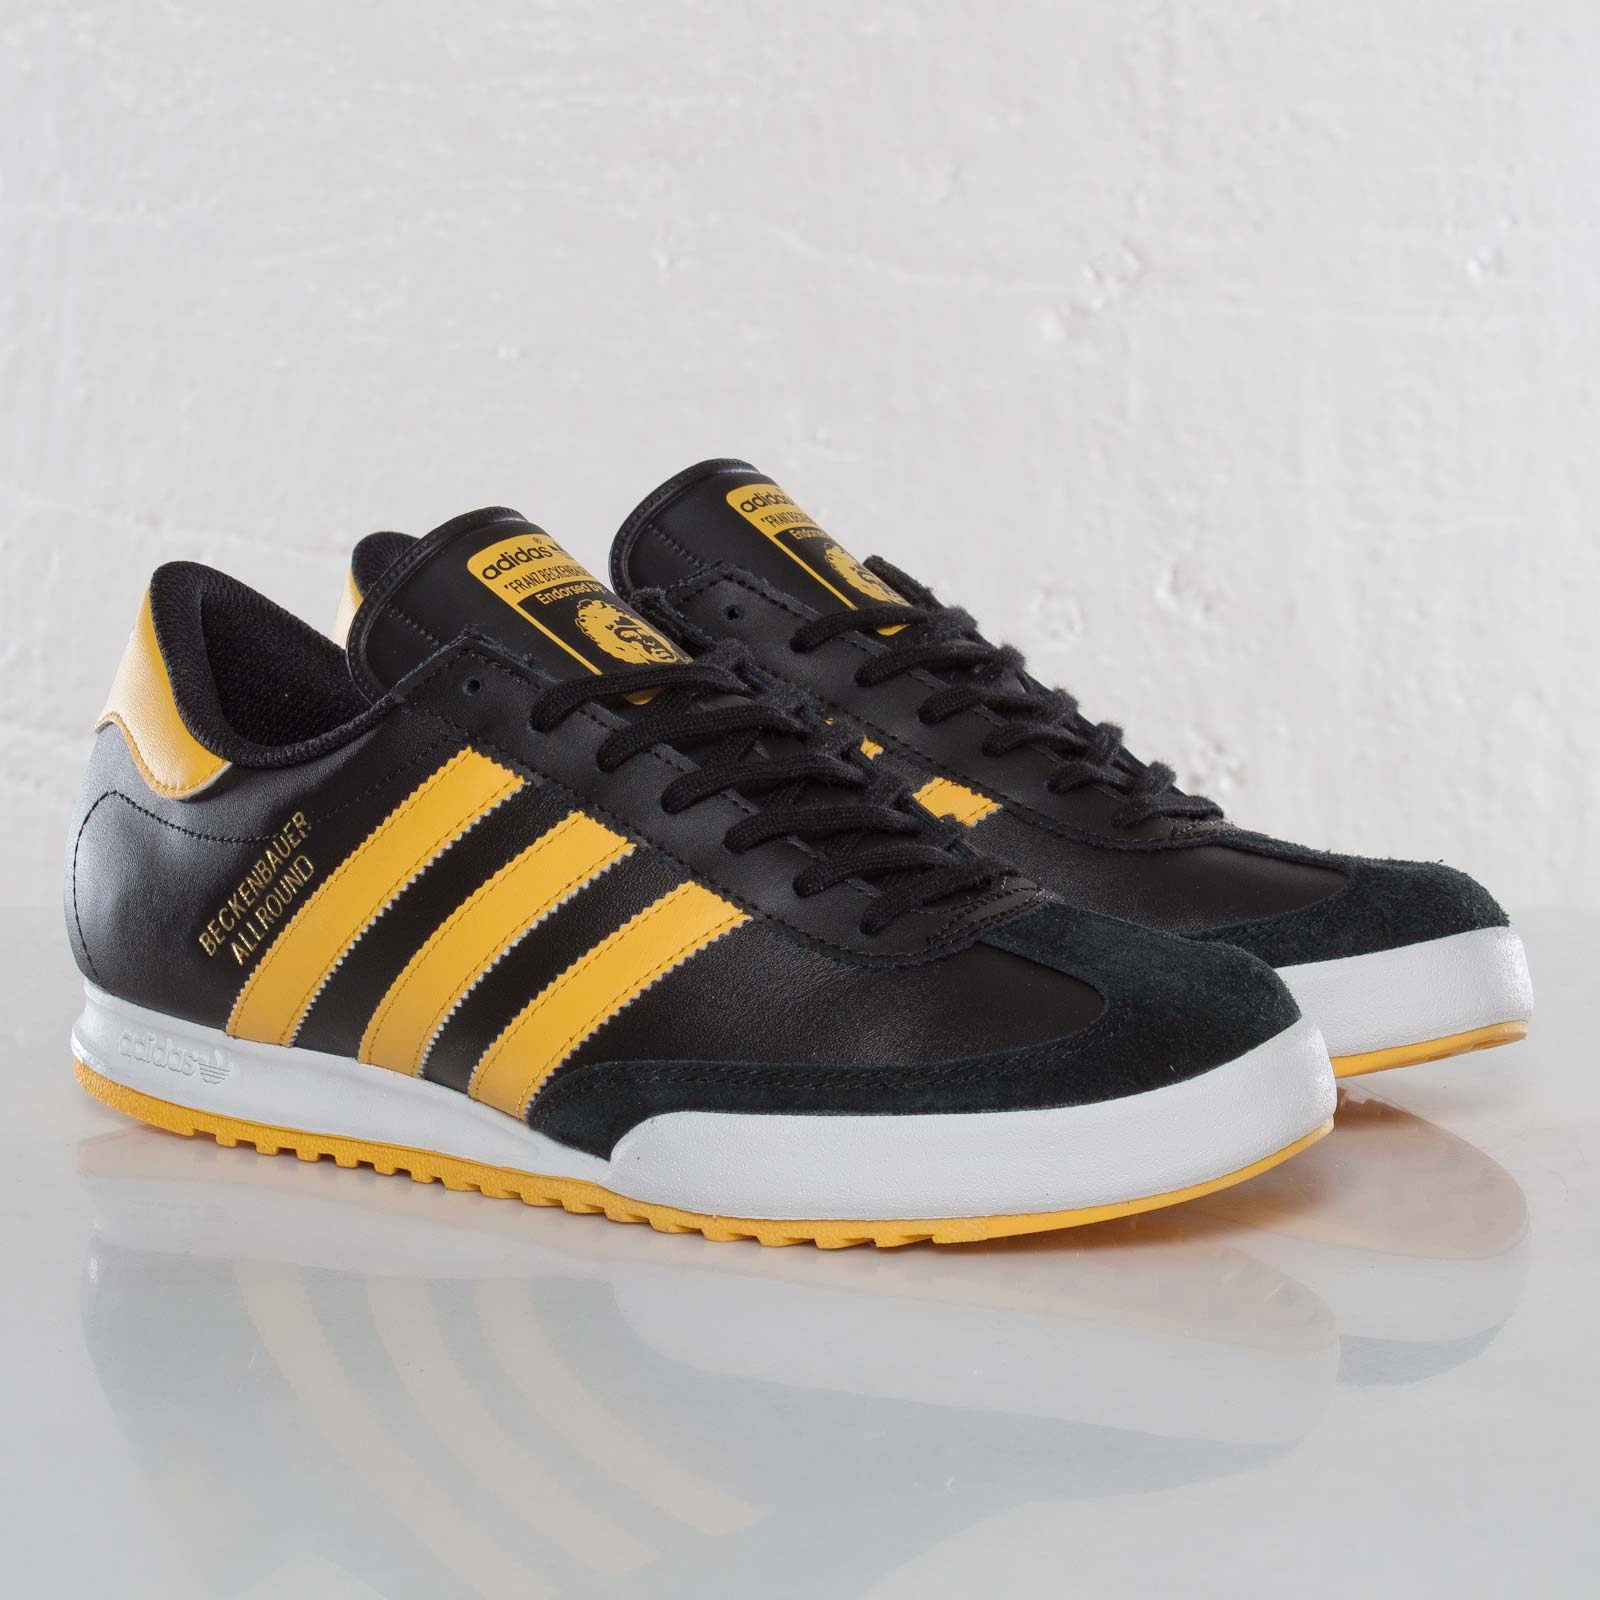 adidas Beckenbauer - Q20552 - Sneakersnstuff | sneakers ...